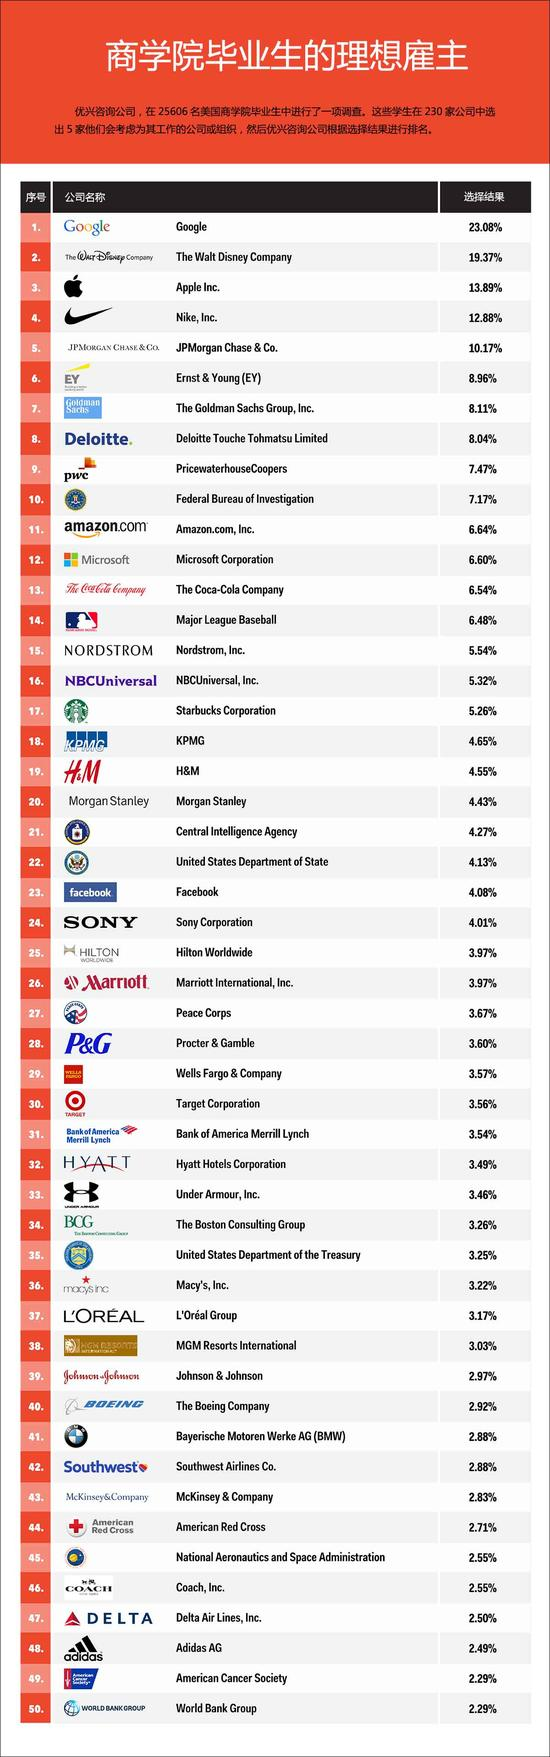 商学院学生最想进的50家公司:谷歌第一苹果第三